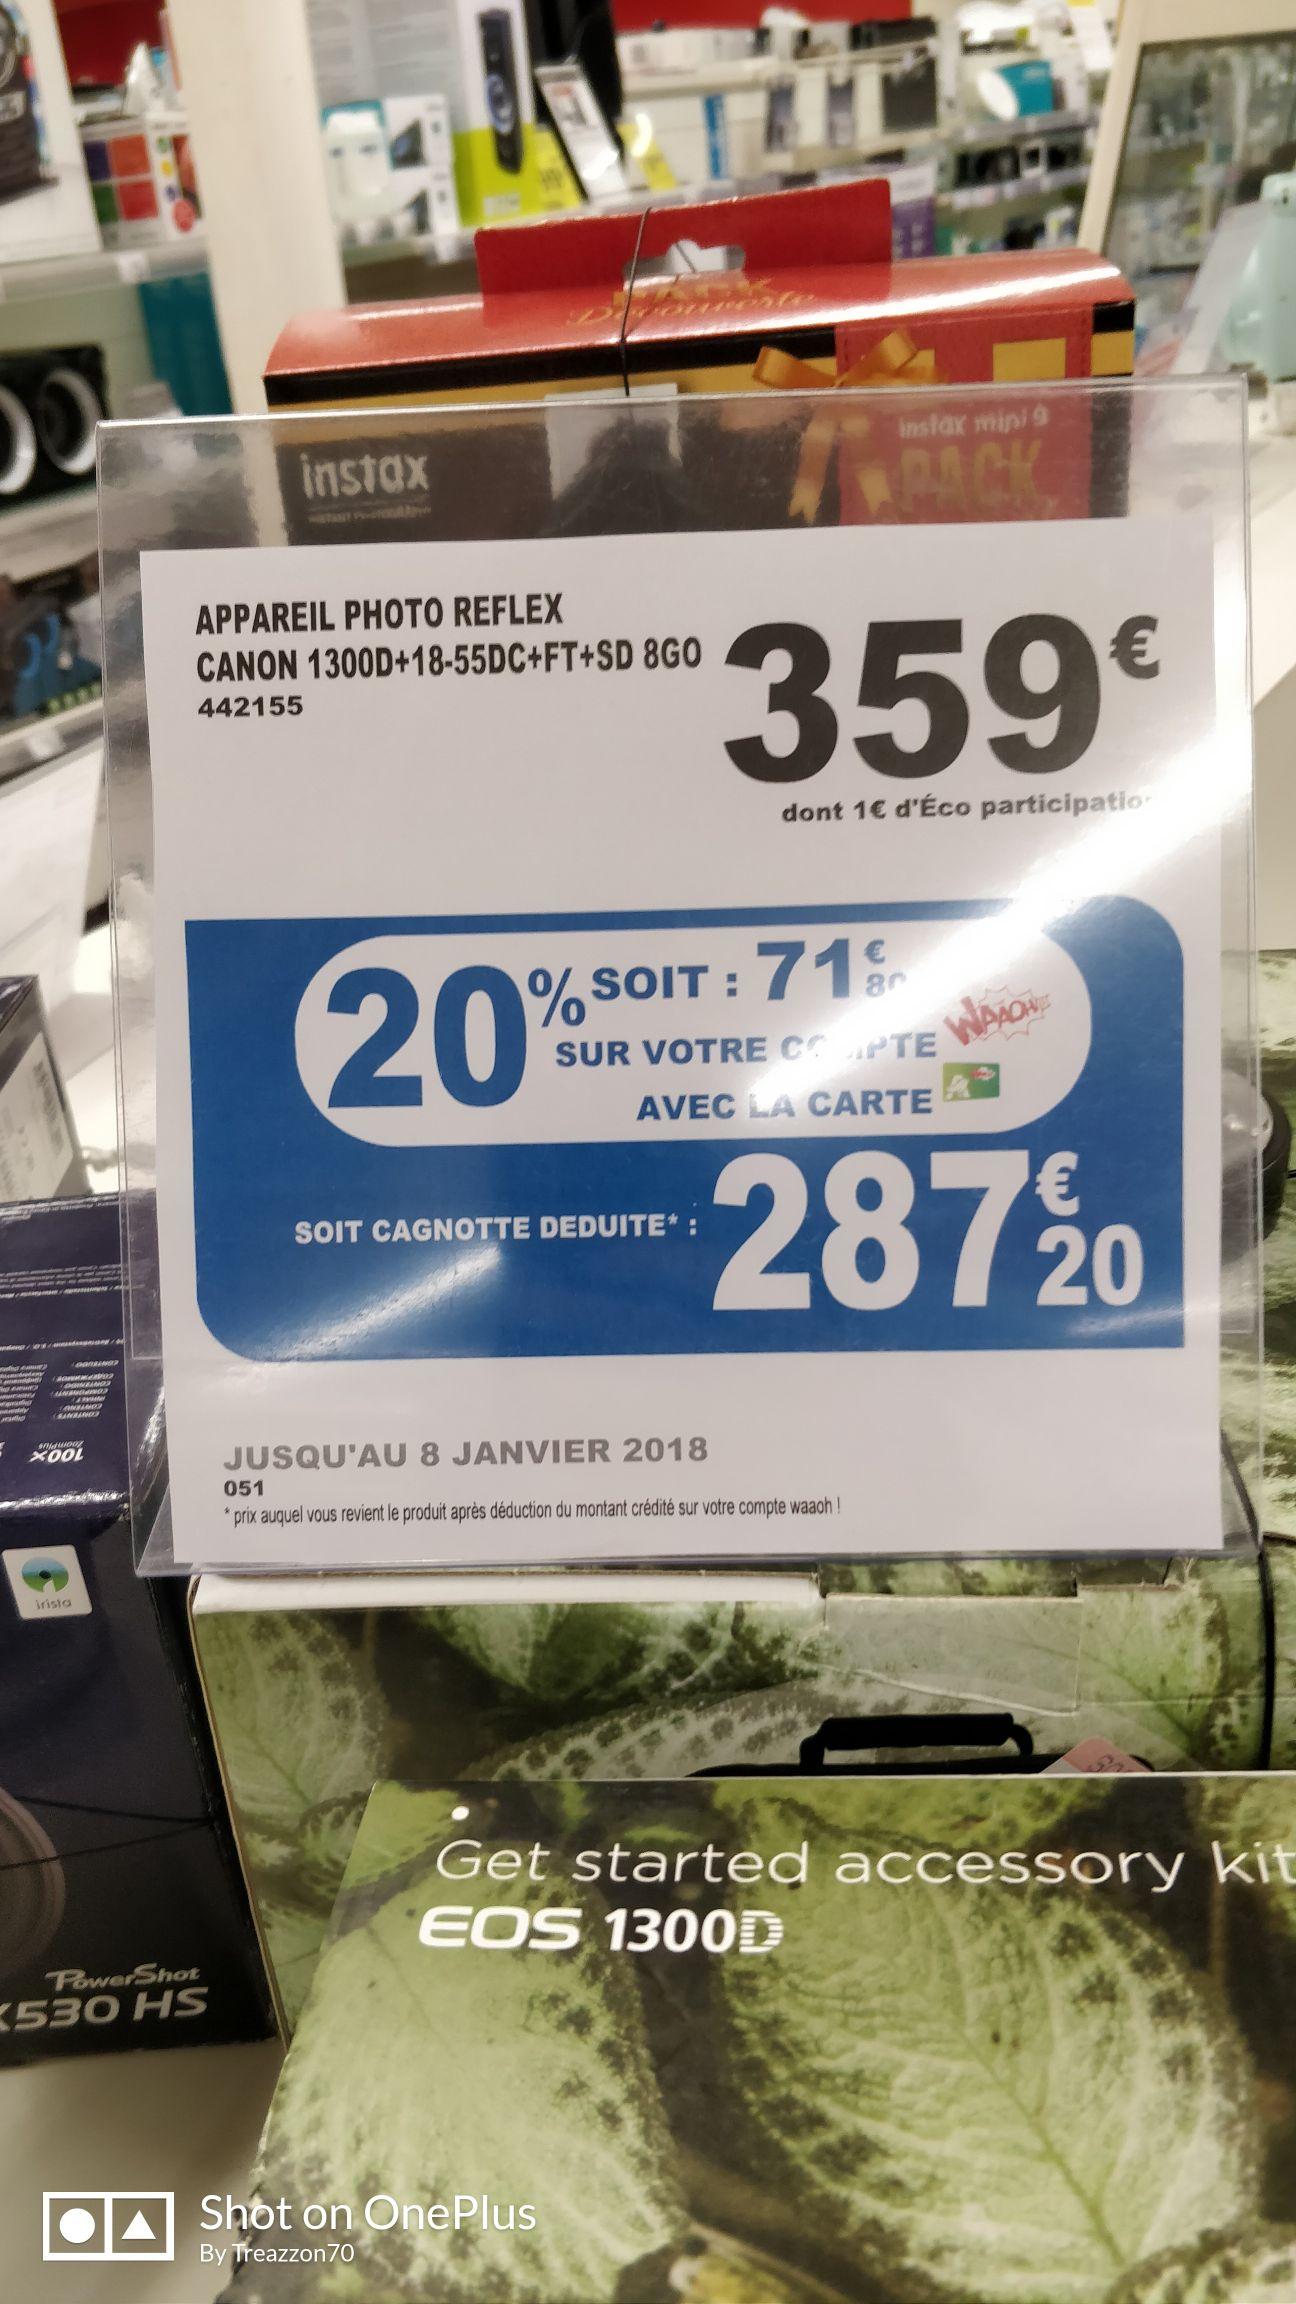 Appareil Photo Canon EOS 1300D + Objectif 18-55 mm + Sac + Carte SD 8Go (Via 71,80€ sur la carte Waaoh - Dans une sélection de magasin)